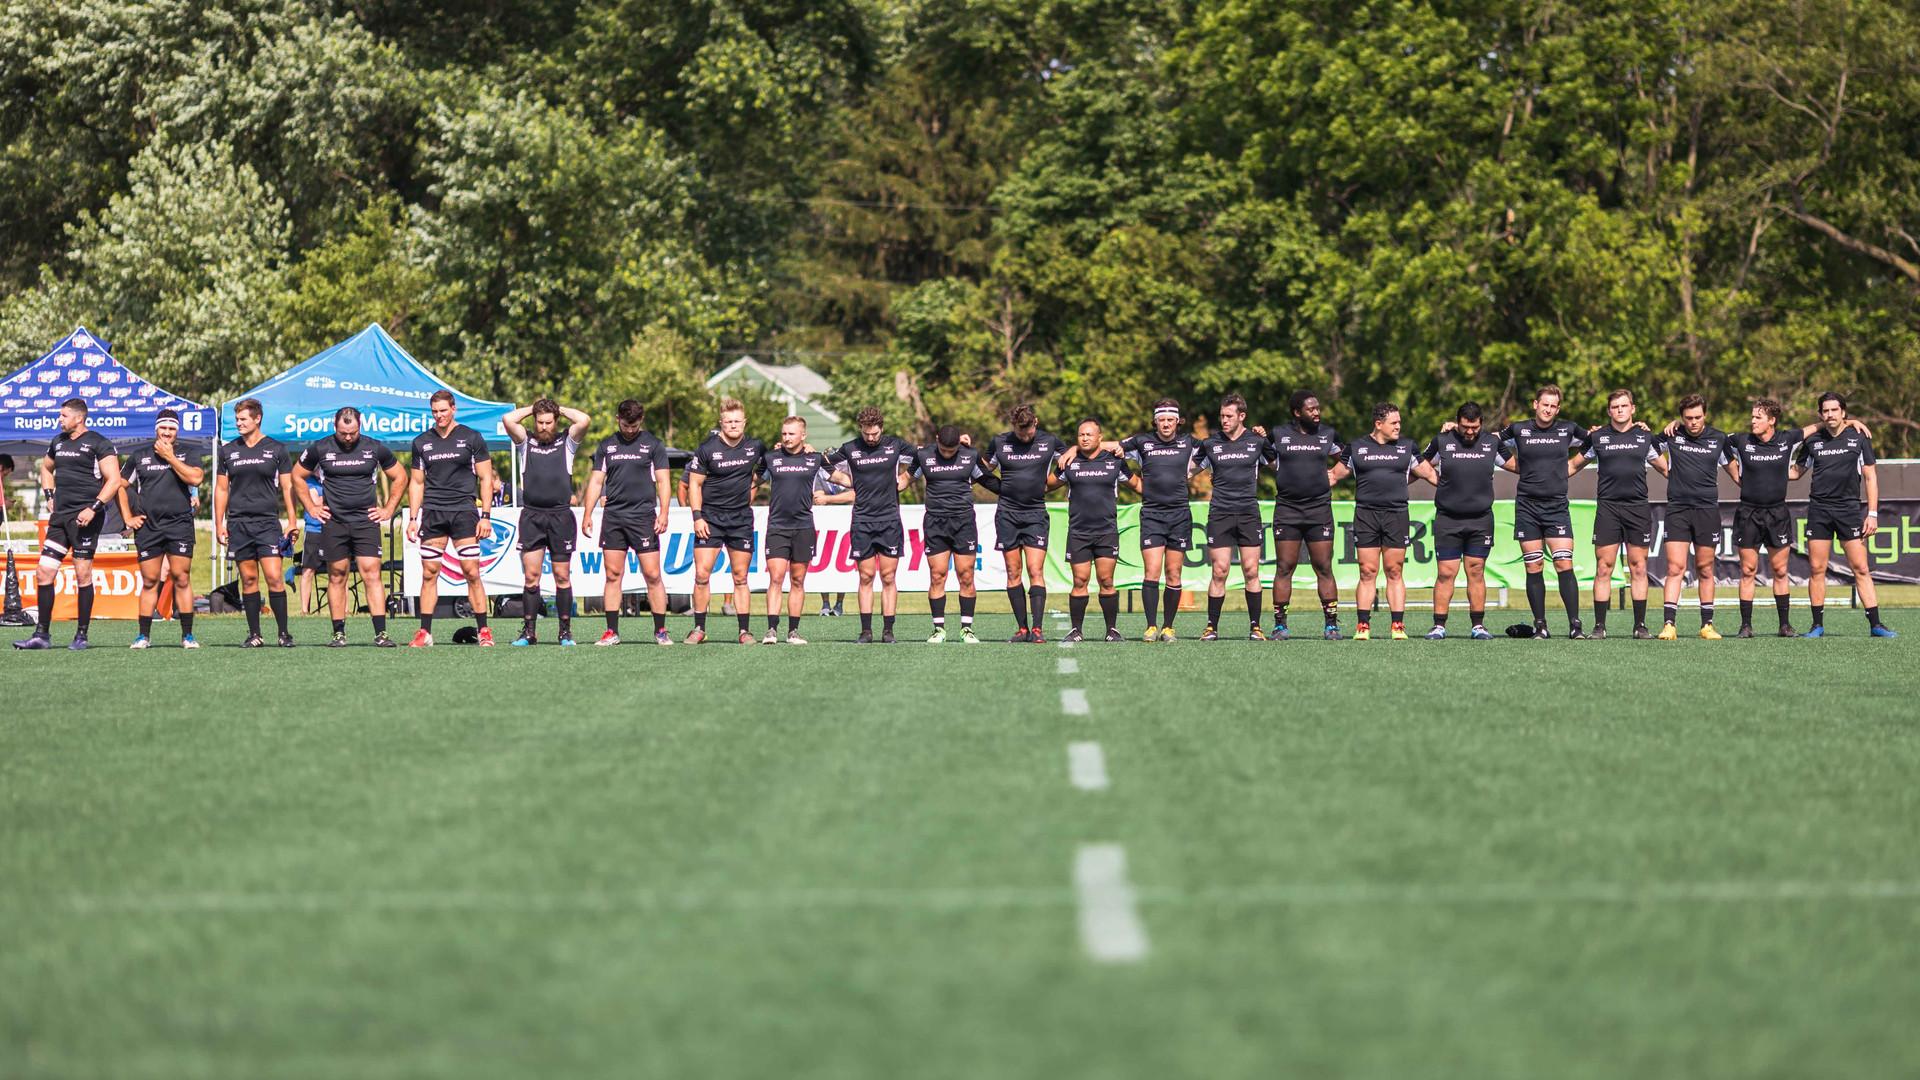 Rugby-8.JPG